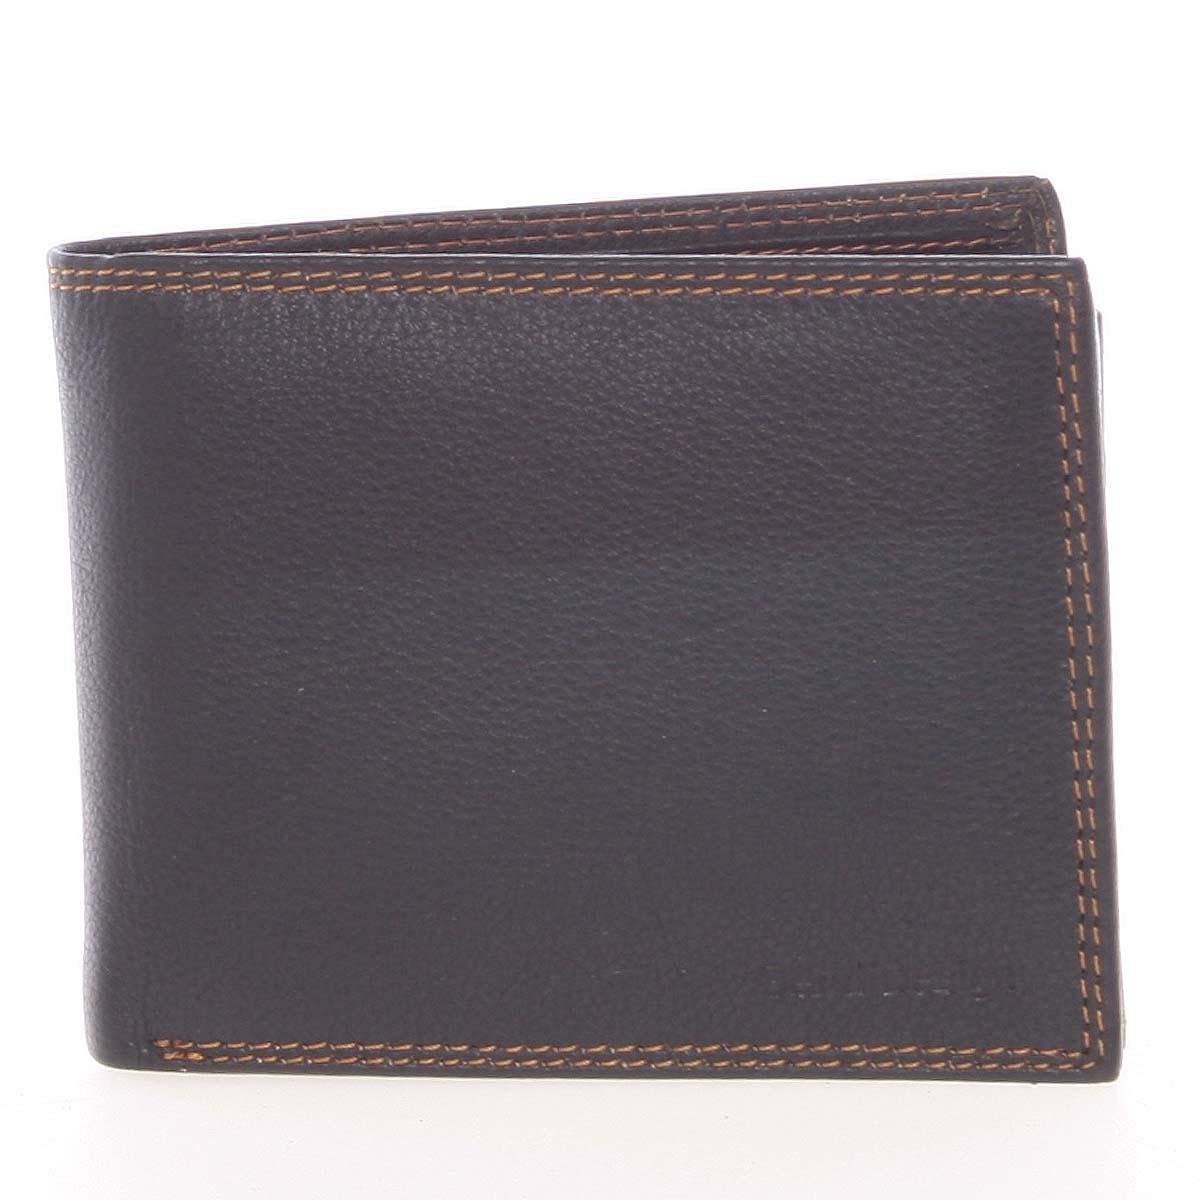 Kvalitná pánska kožená čierna voľná peňaženka - SendiDesign Sabastian